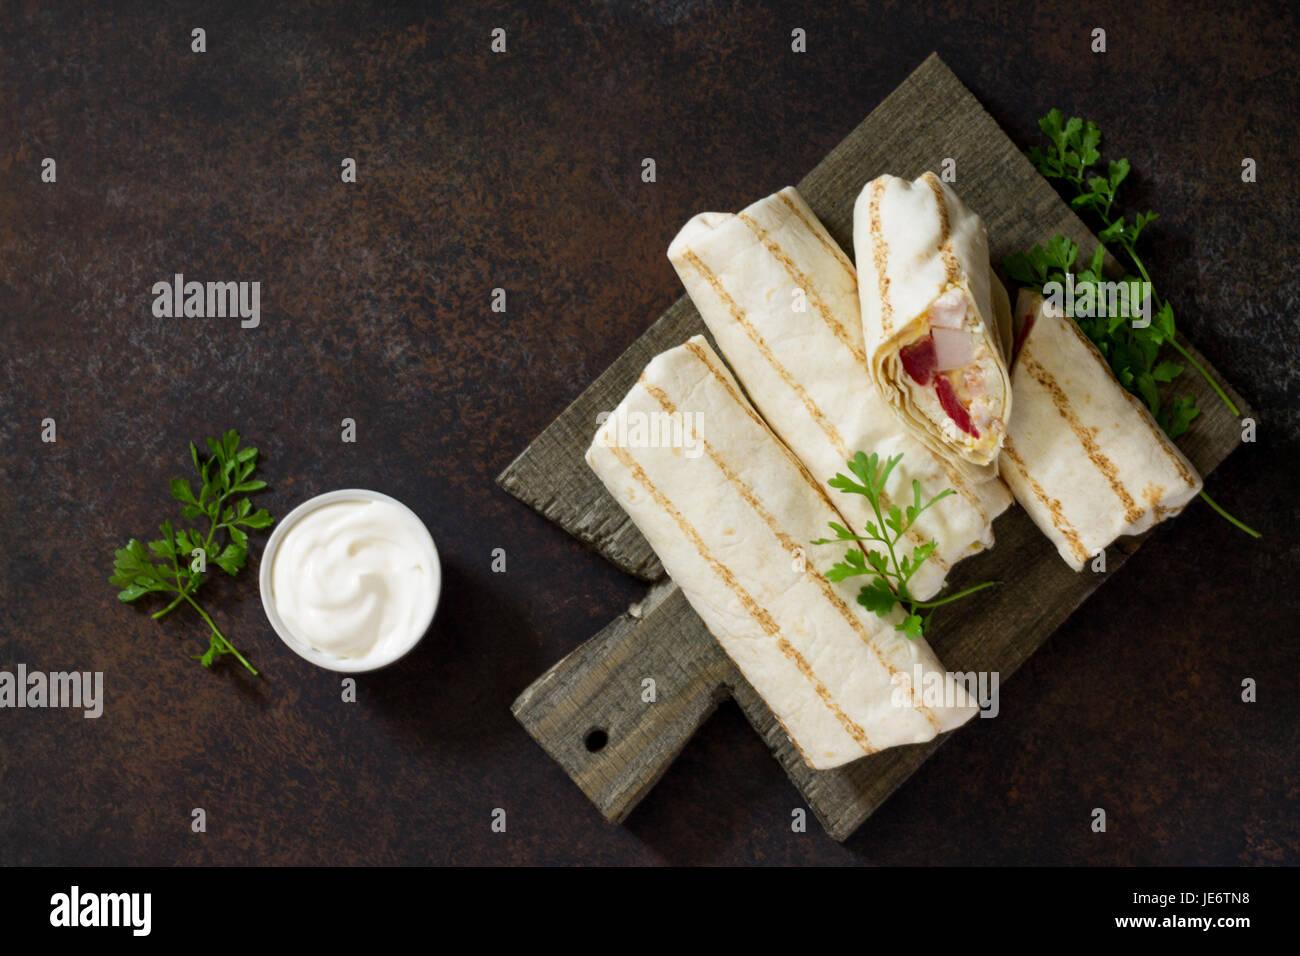 Shawarma pane pita con pollo alla griglia, verdure fresche e salsa alla panna su uno sfondo di colore marrone pietra. Immagini Stock